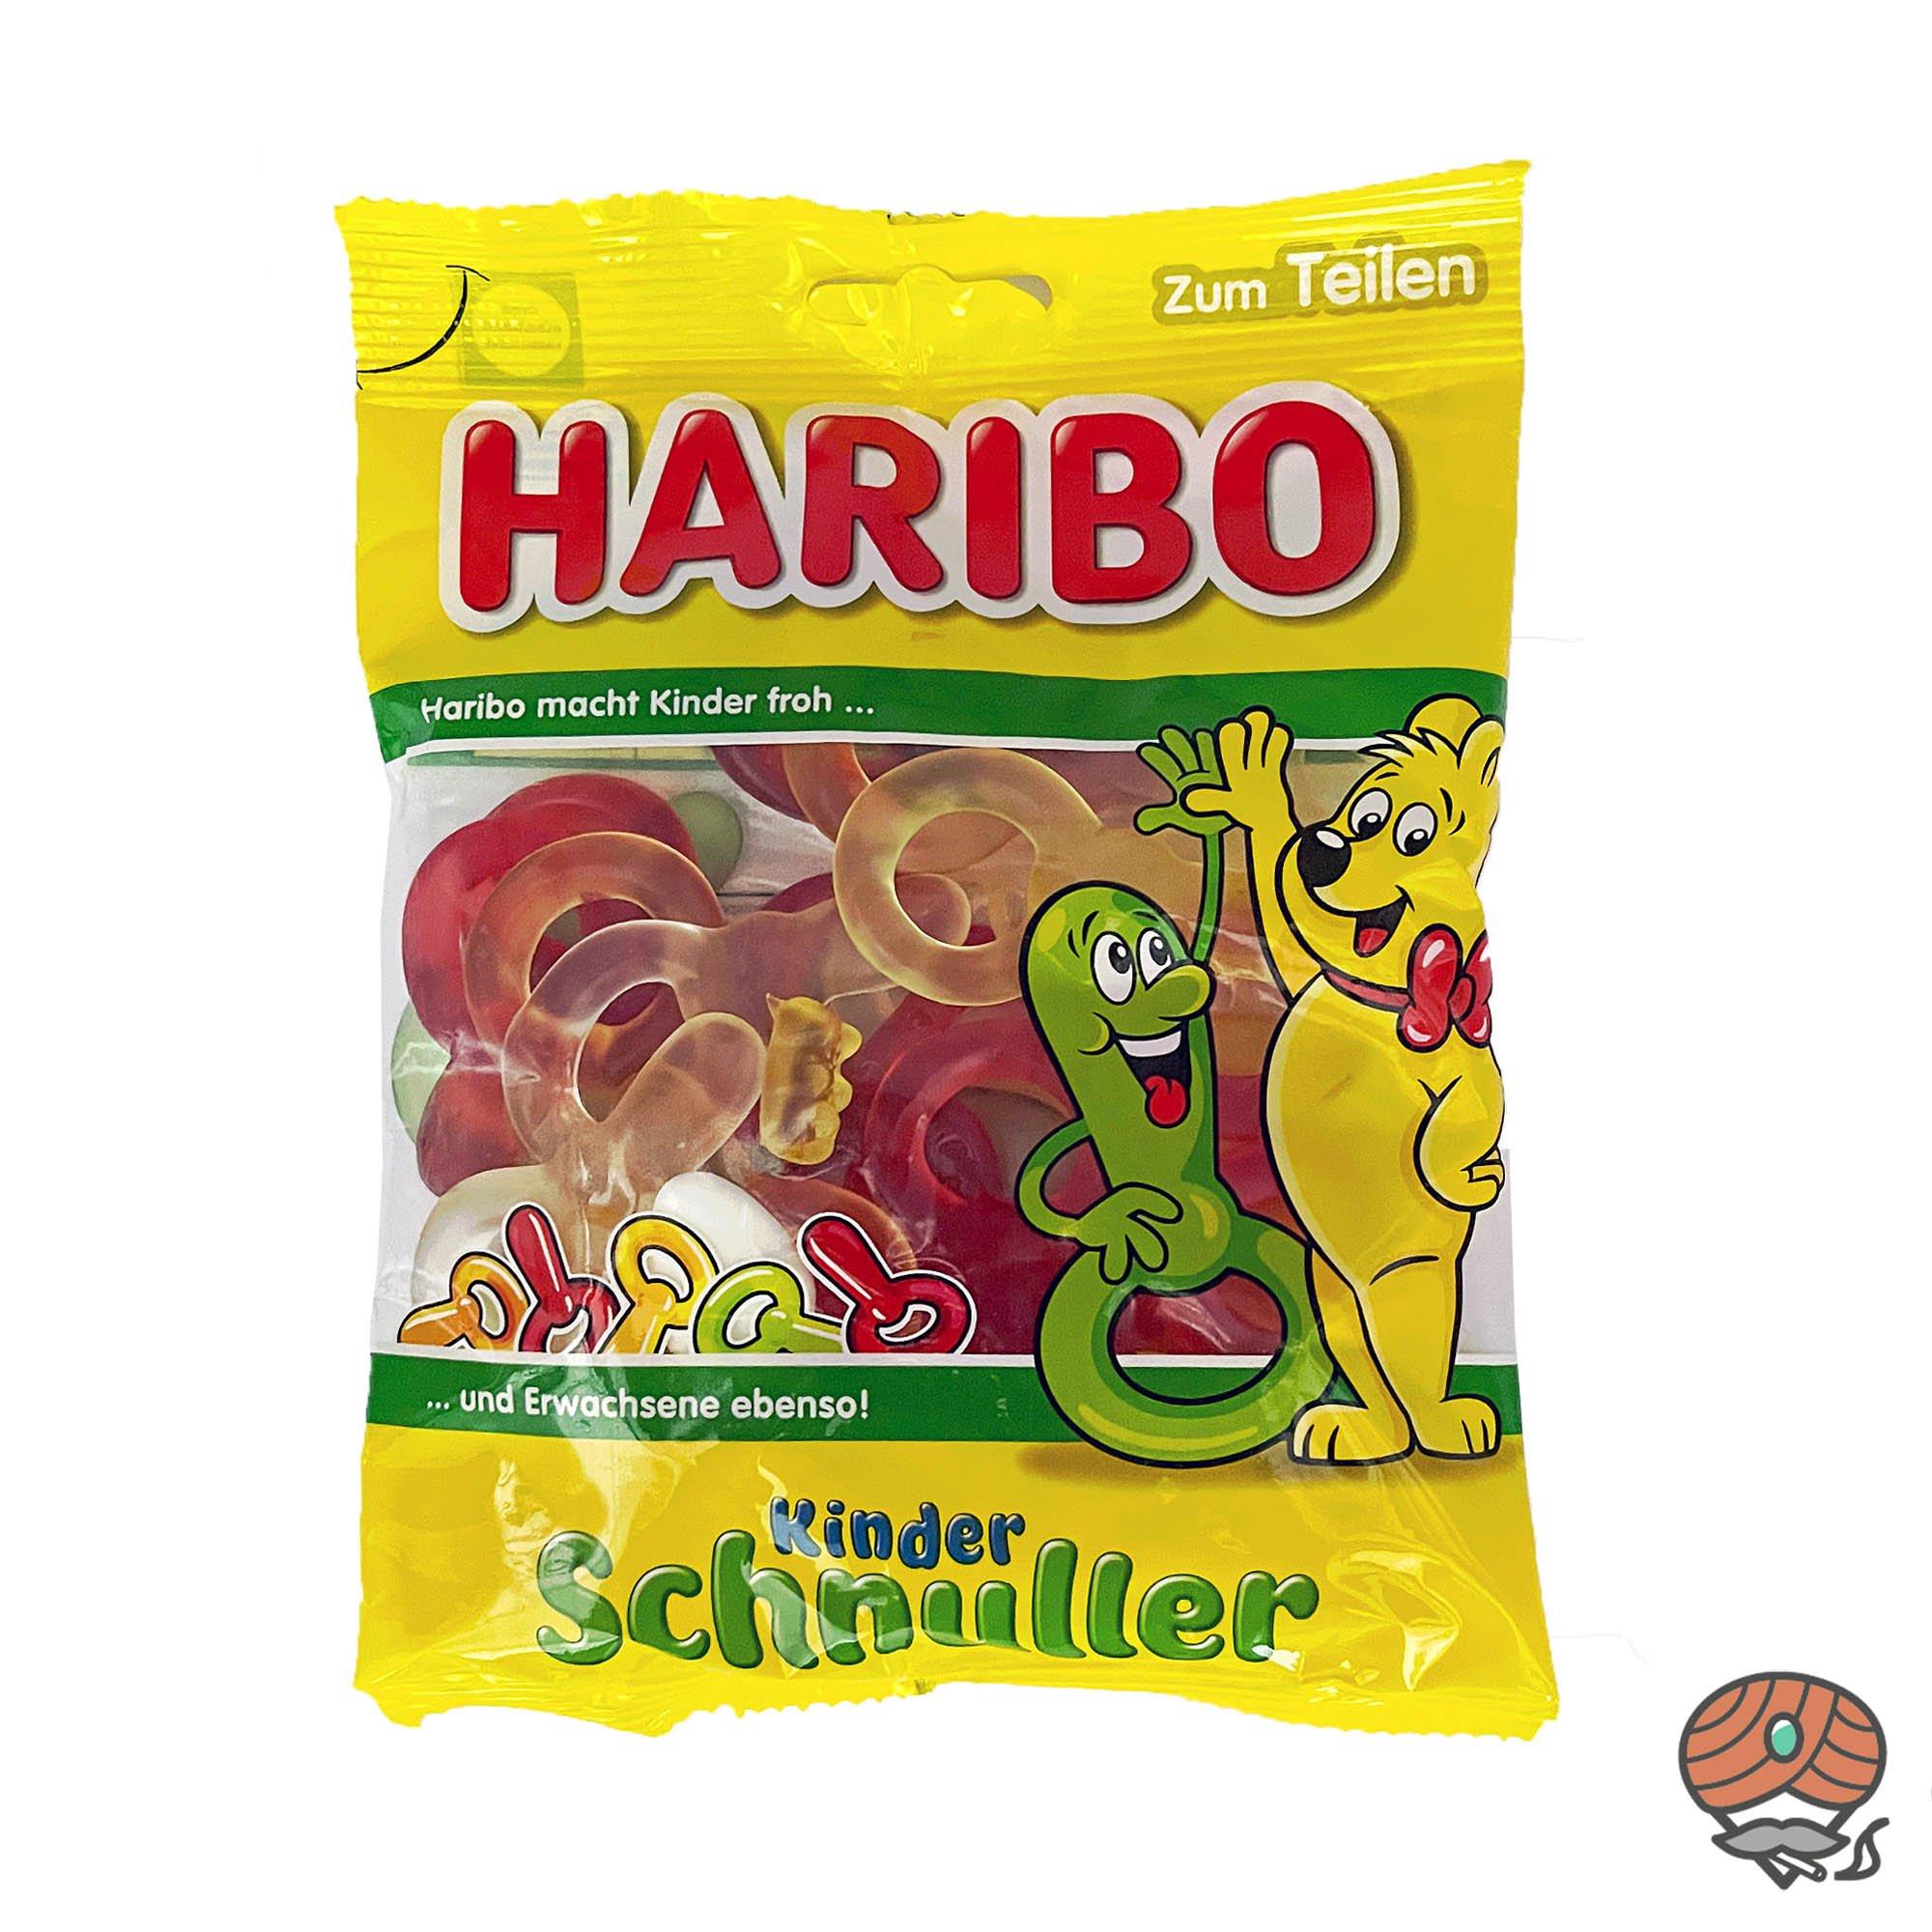 Haribo Kinder Schnuller Fruchtgummis 200g